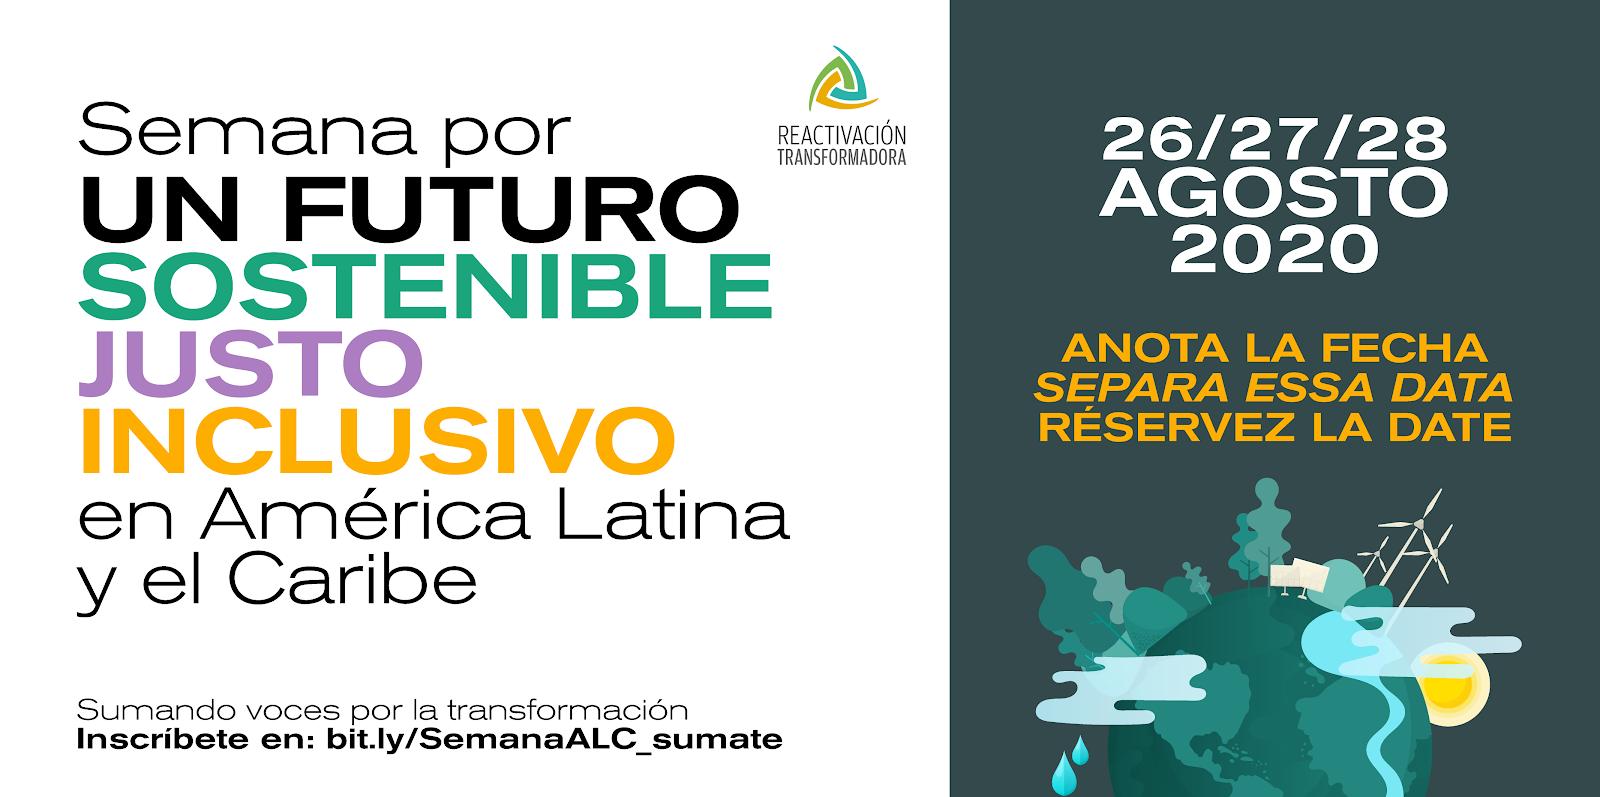 Semana por un Futuro Sostenible, Justo e Inclusivo en América Latina y el Caribe